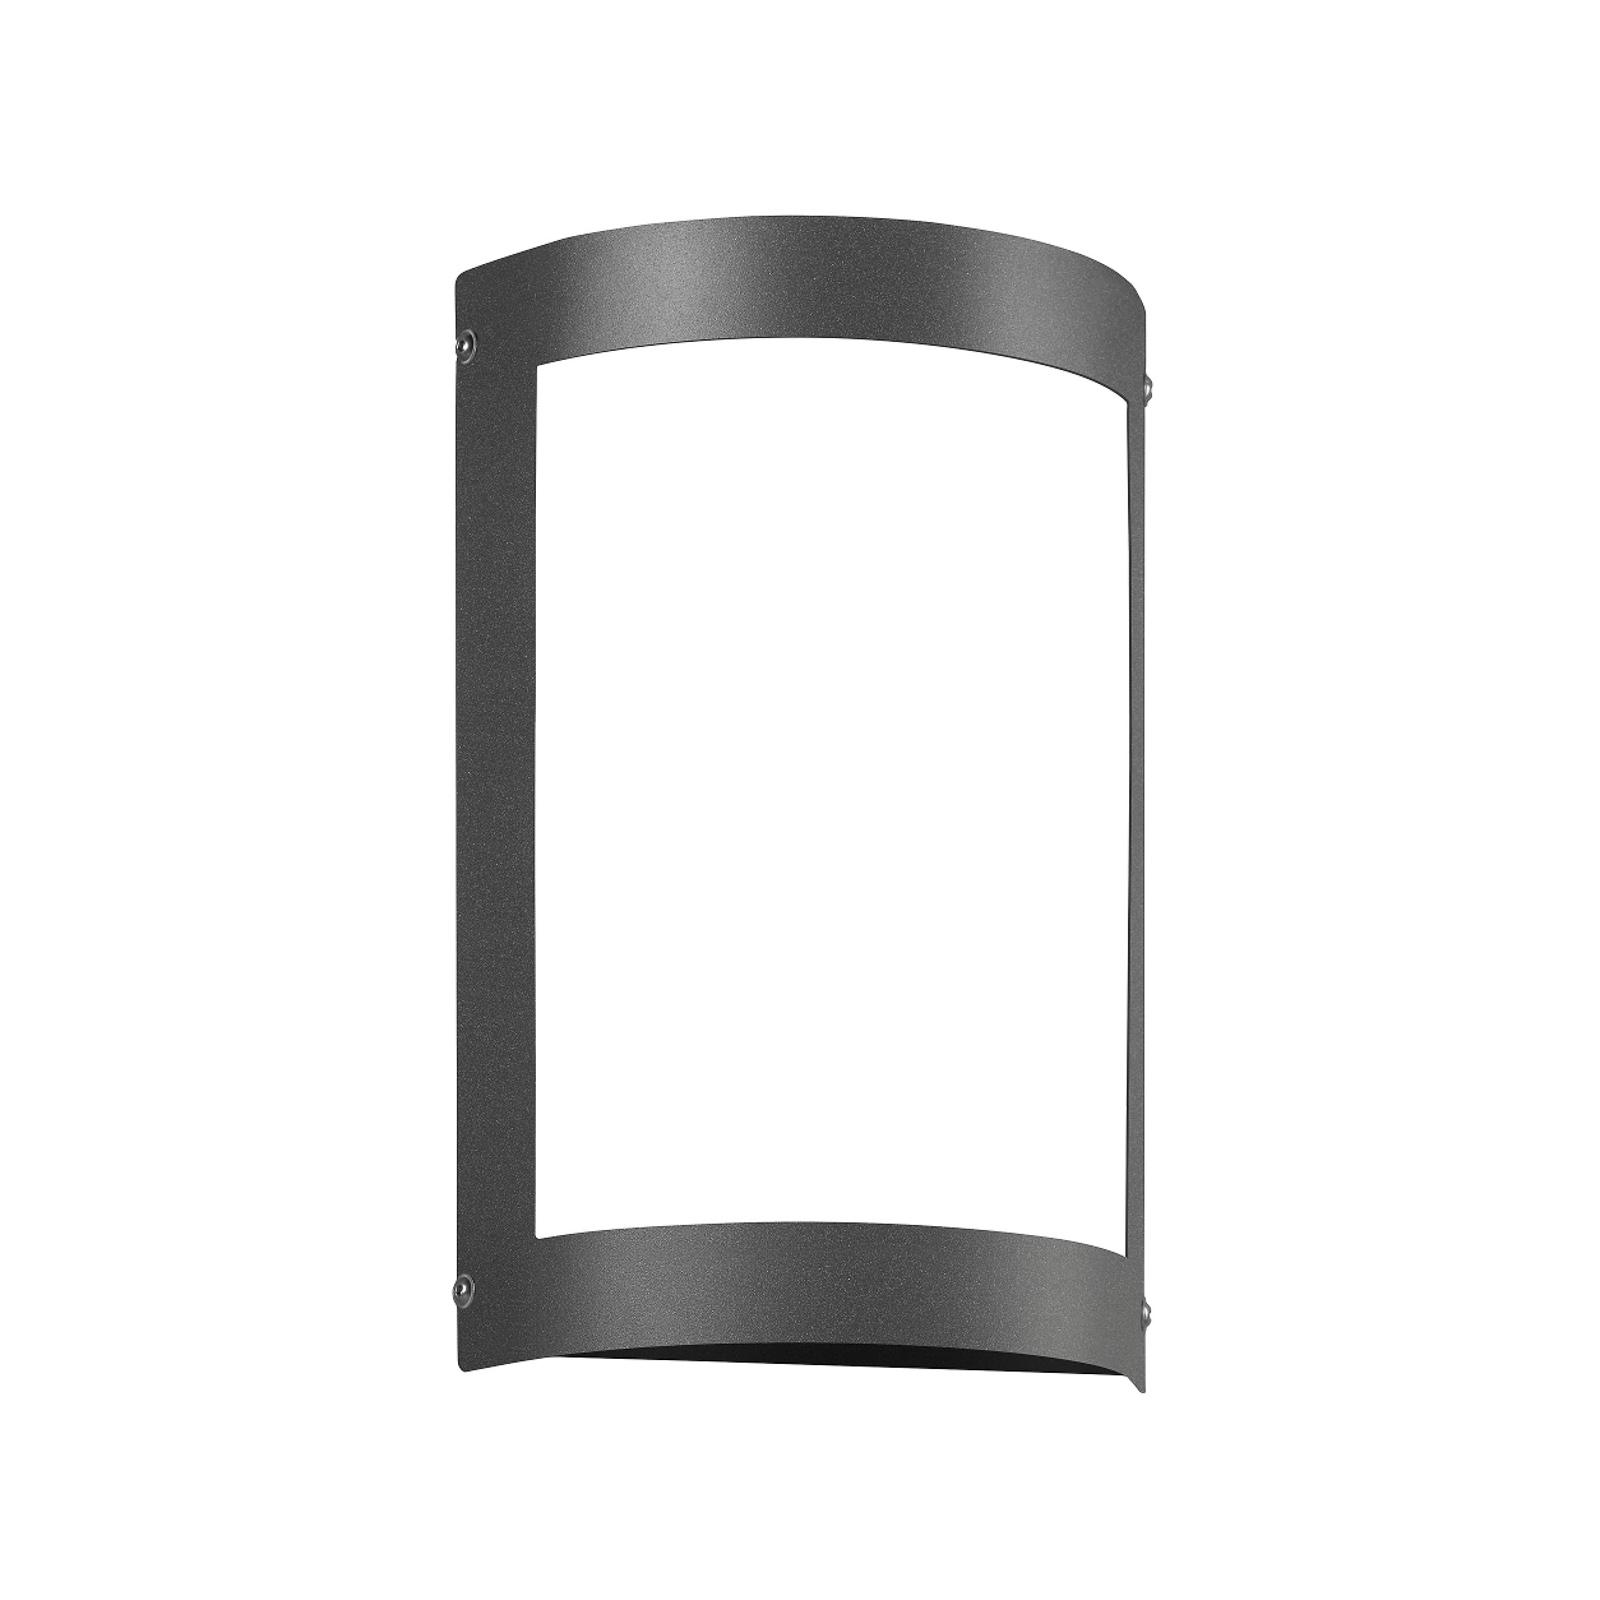 LED-utelampe Aqua Marco uten gitter, antrasitt